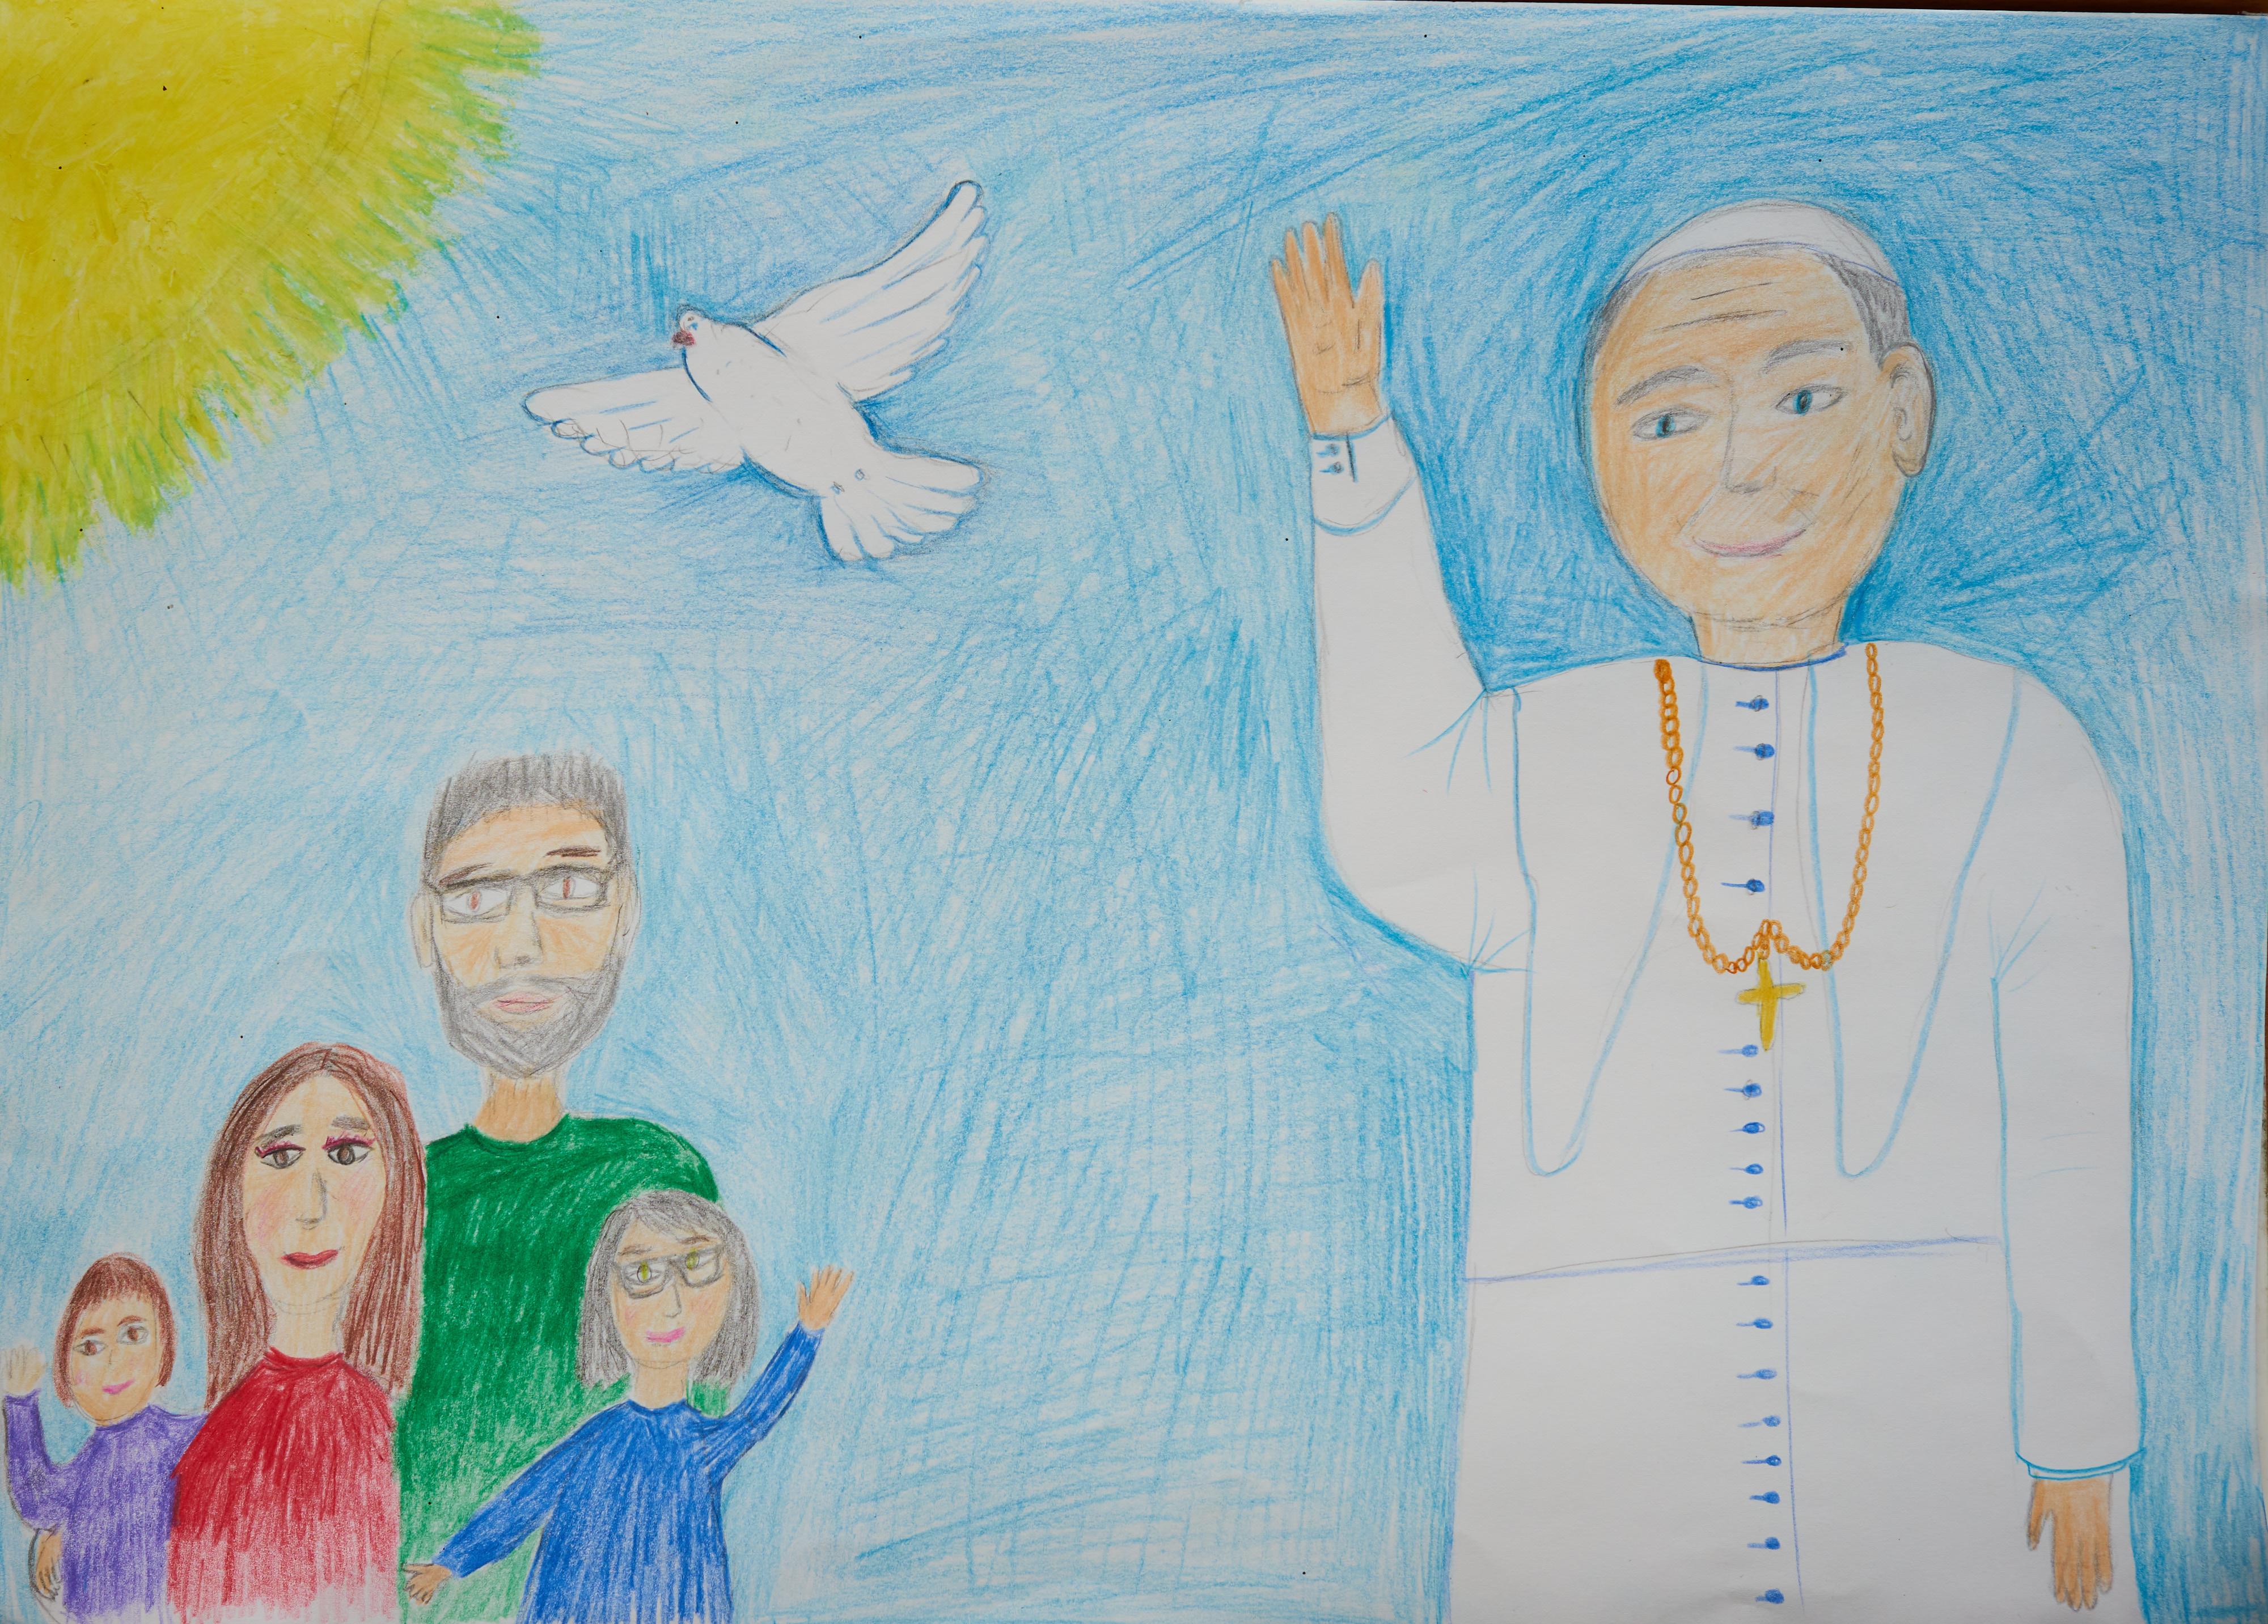 Konkurs Plastyczny: Św.  Jan Paweł II - Przyjacielem naszej rodziny, 100 lecie urodzin Św. Jana Pawła II. Wspólnota Modlitewna Św. Jana Pawła II w Wiedniu